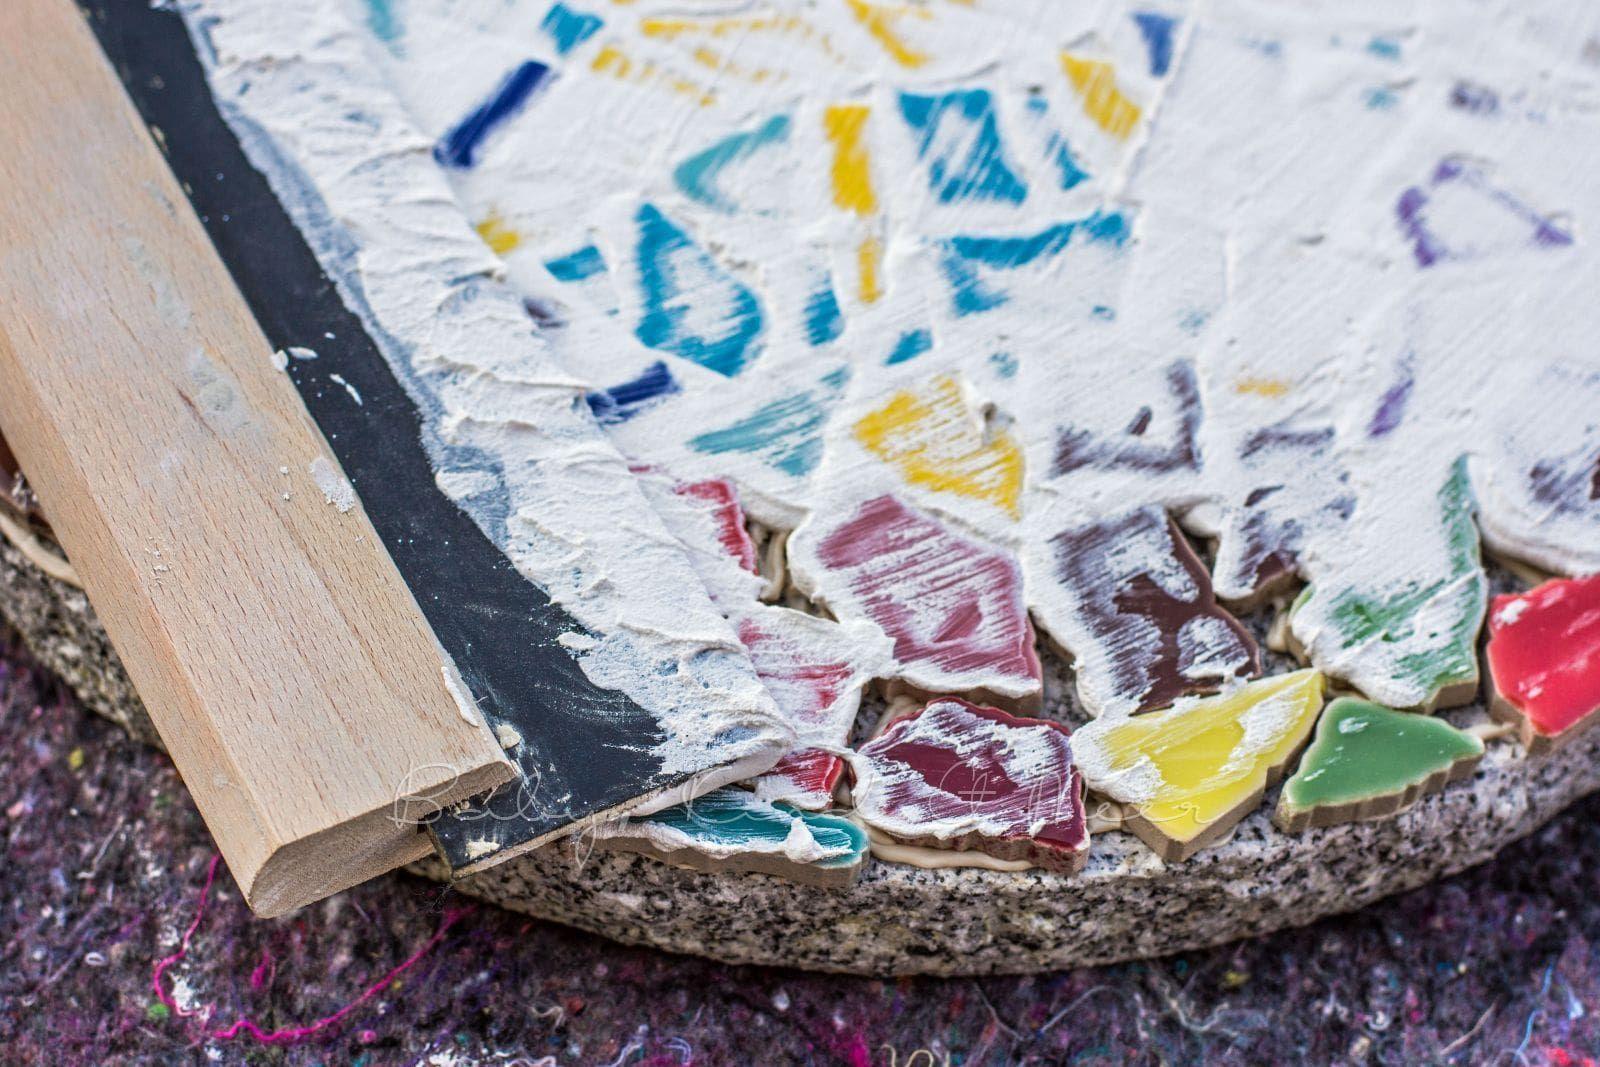 Datenschutzerklarung Stepping Stones Datenschutzerklarung Datenschutzerklarung Musterdatenschutzerklarun In 2020 Gehwegplatten Kinder Basteln Garten Mosaik